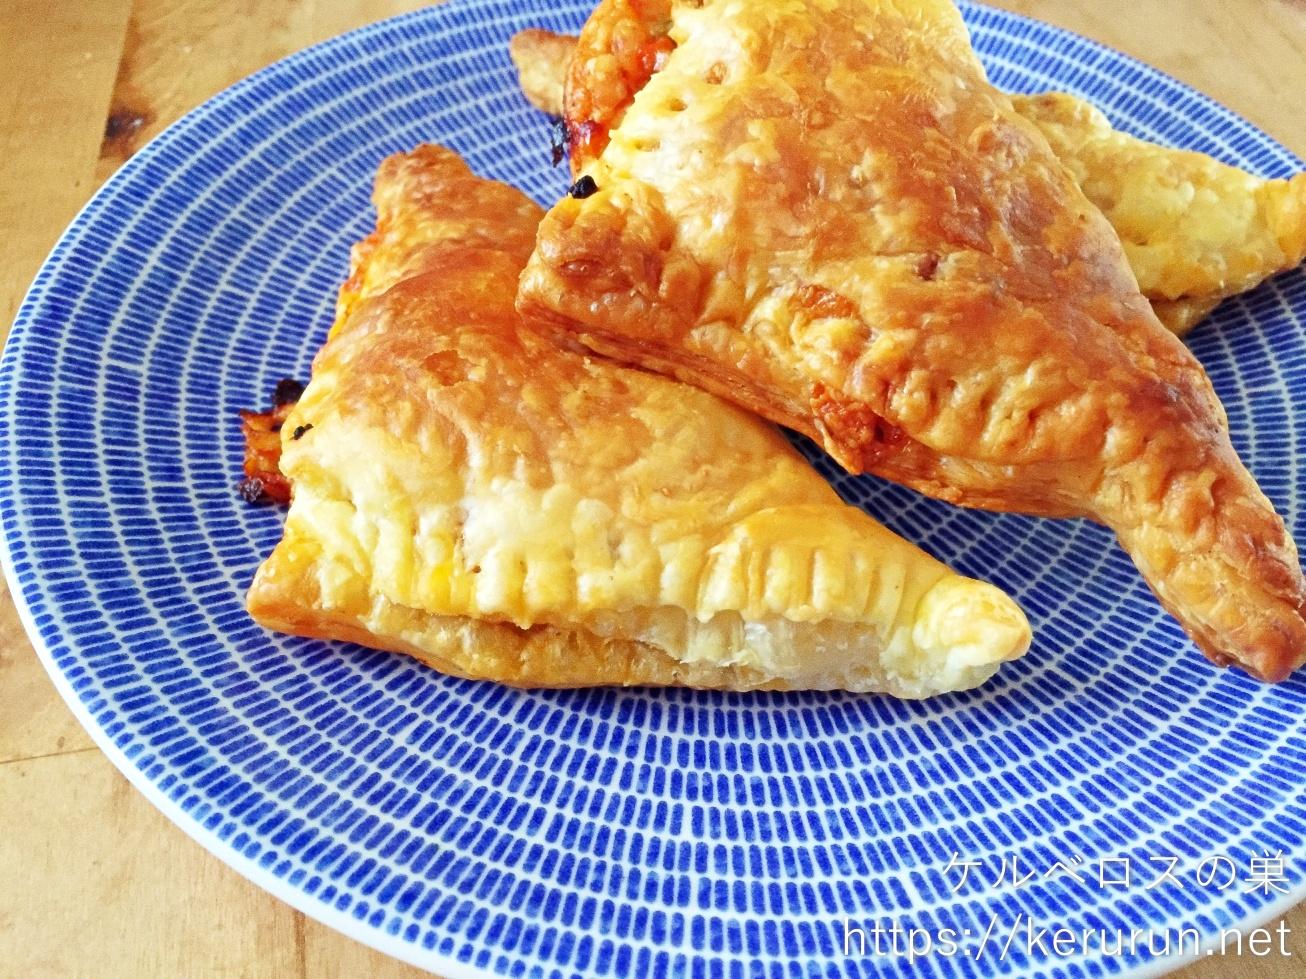 パルシステムのお料理セット「とろ~りチーズミートパイ」で作るおやつ